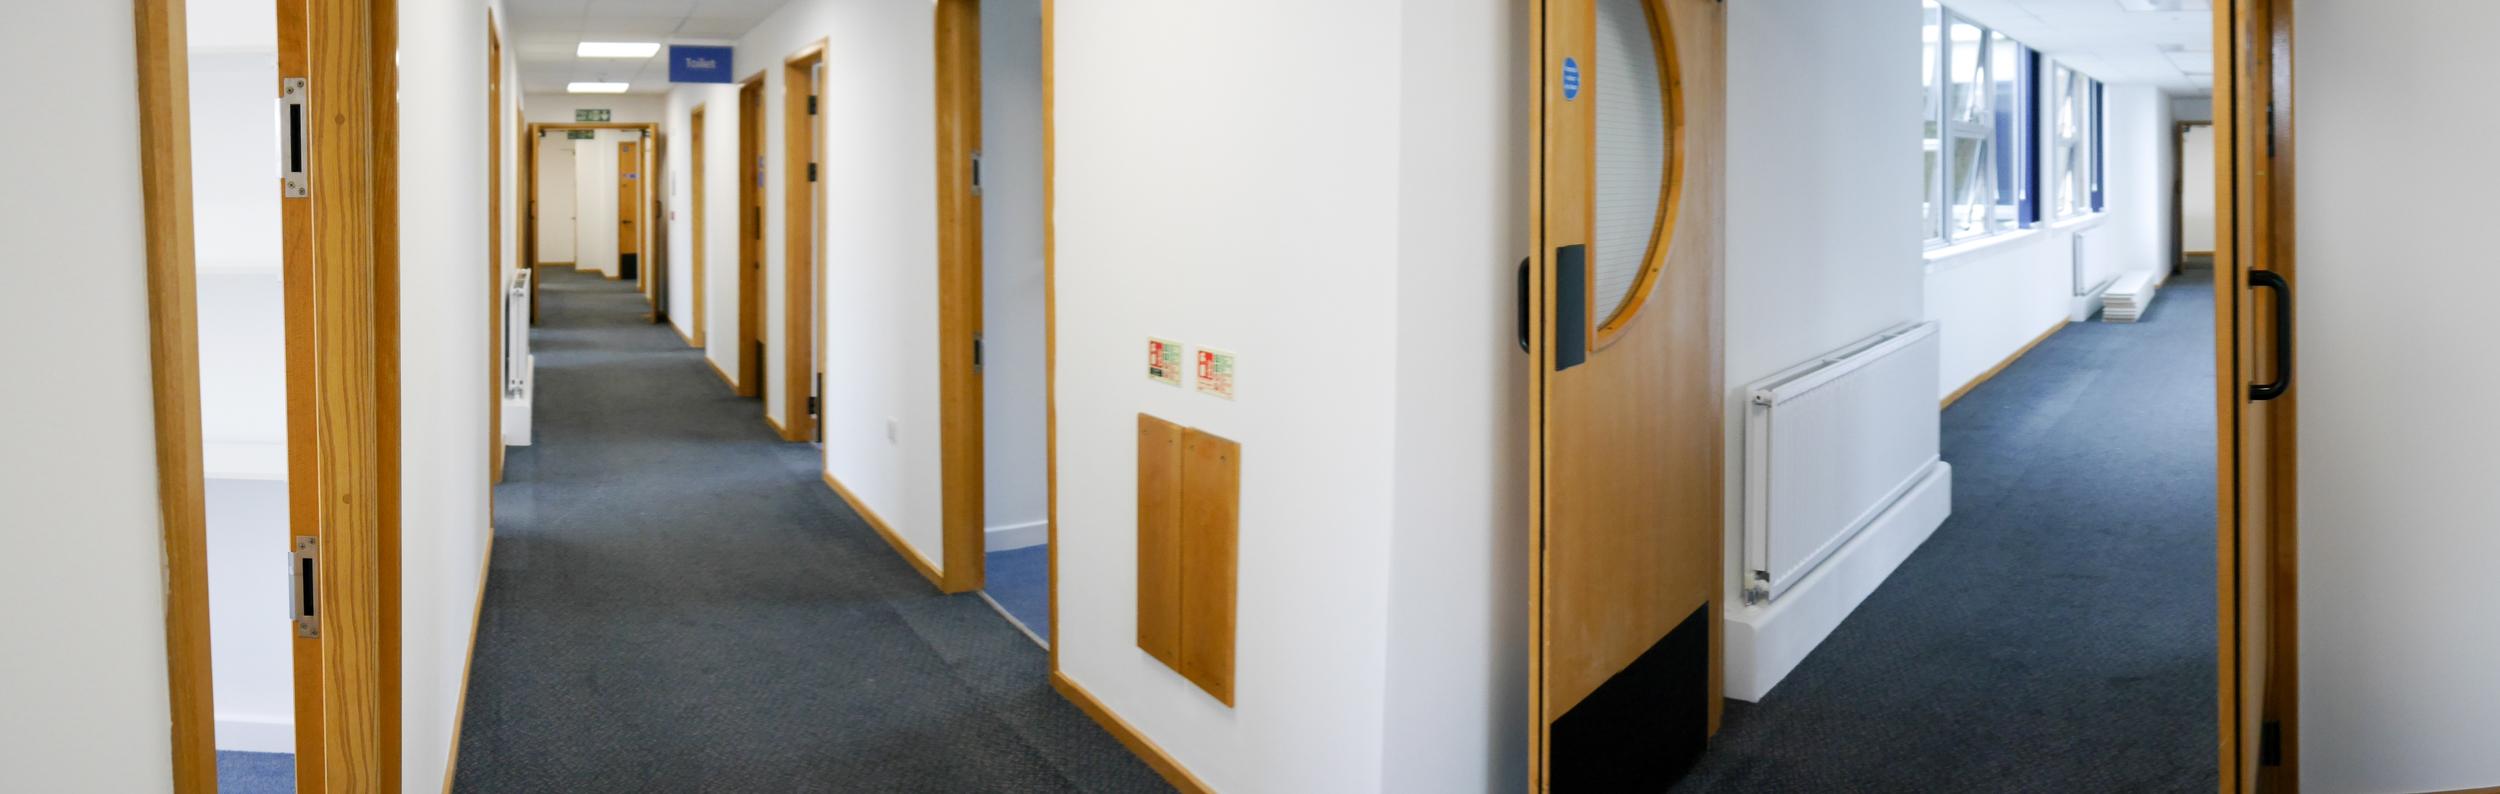 Panoramic view of corridors